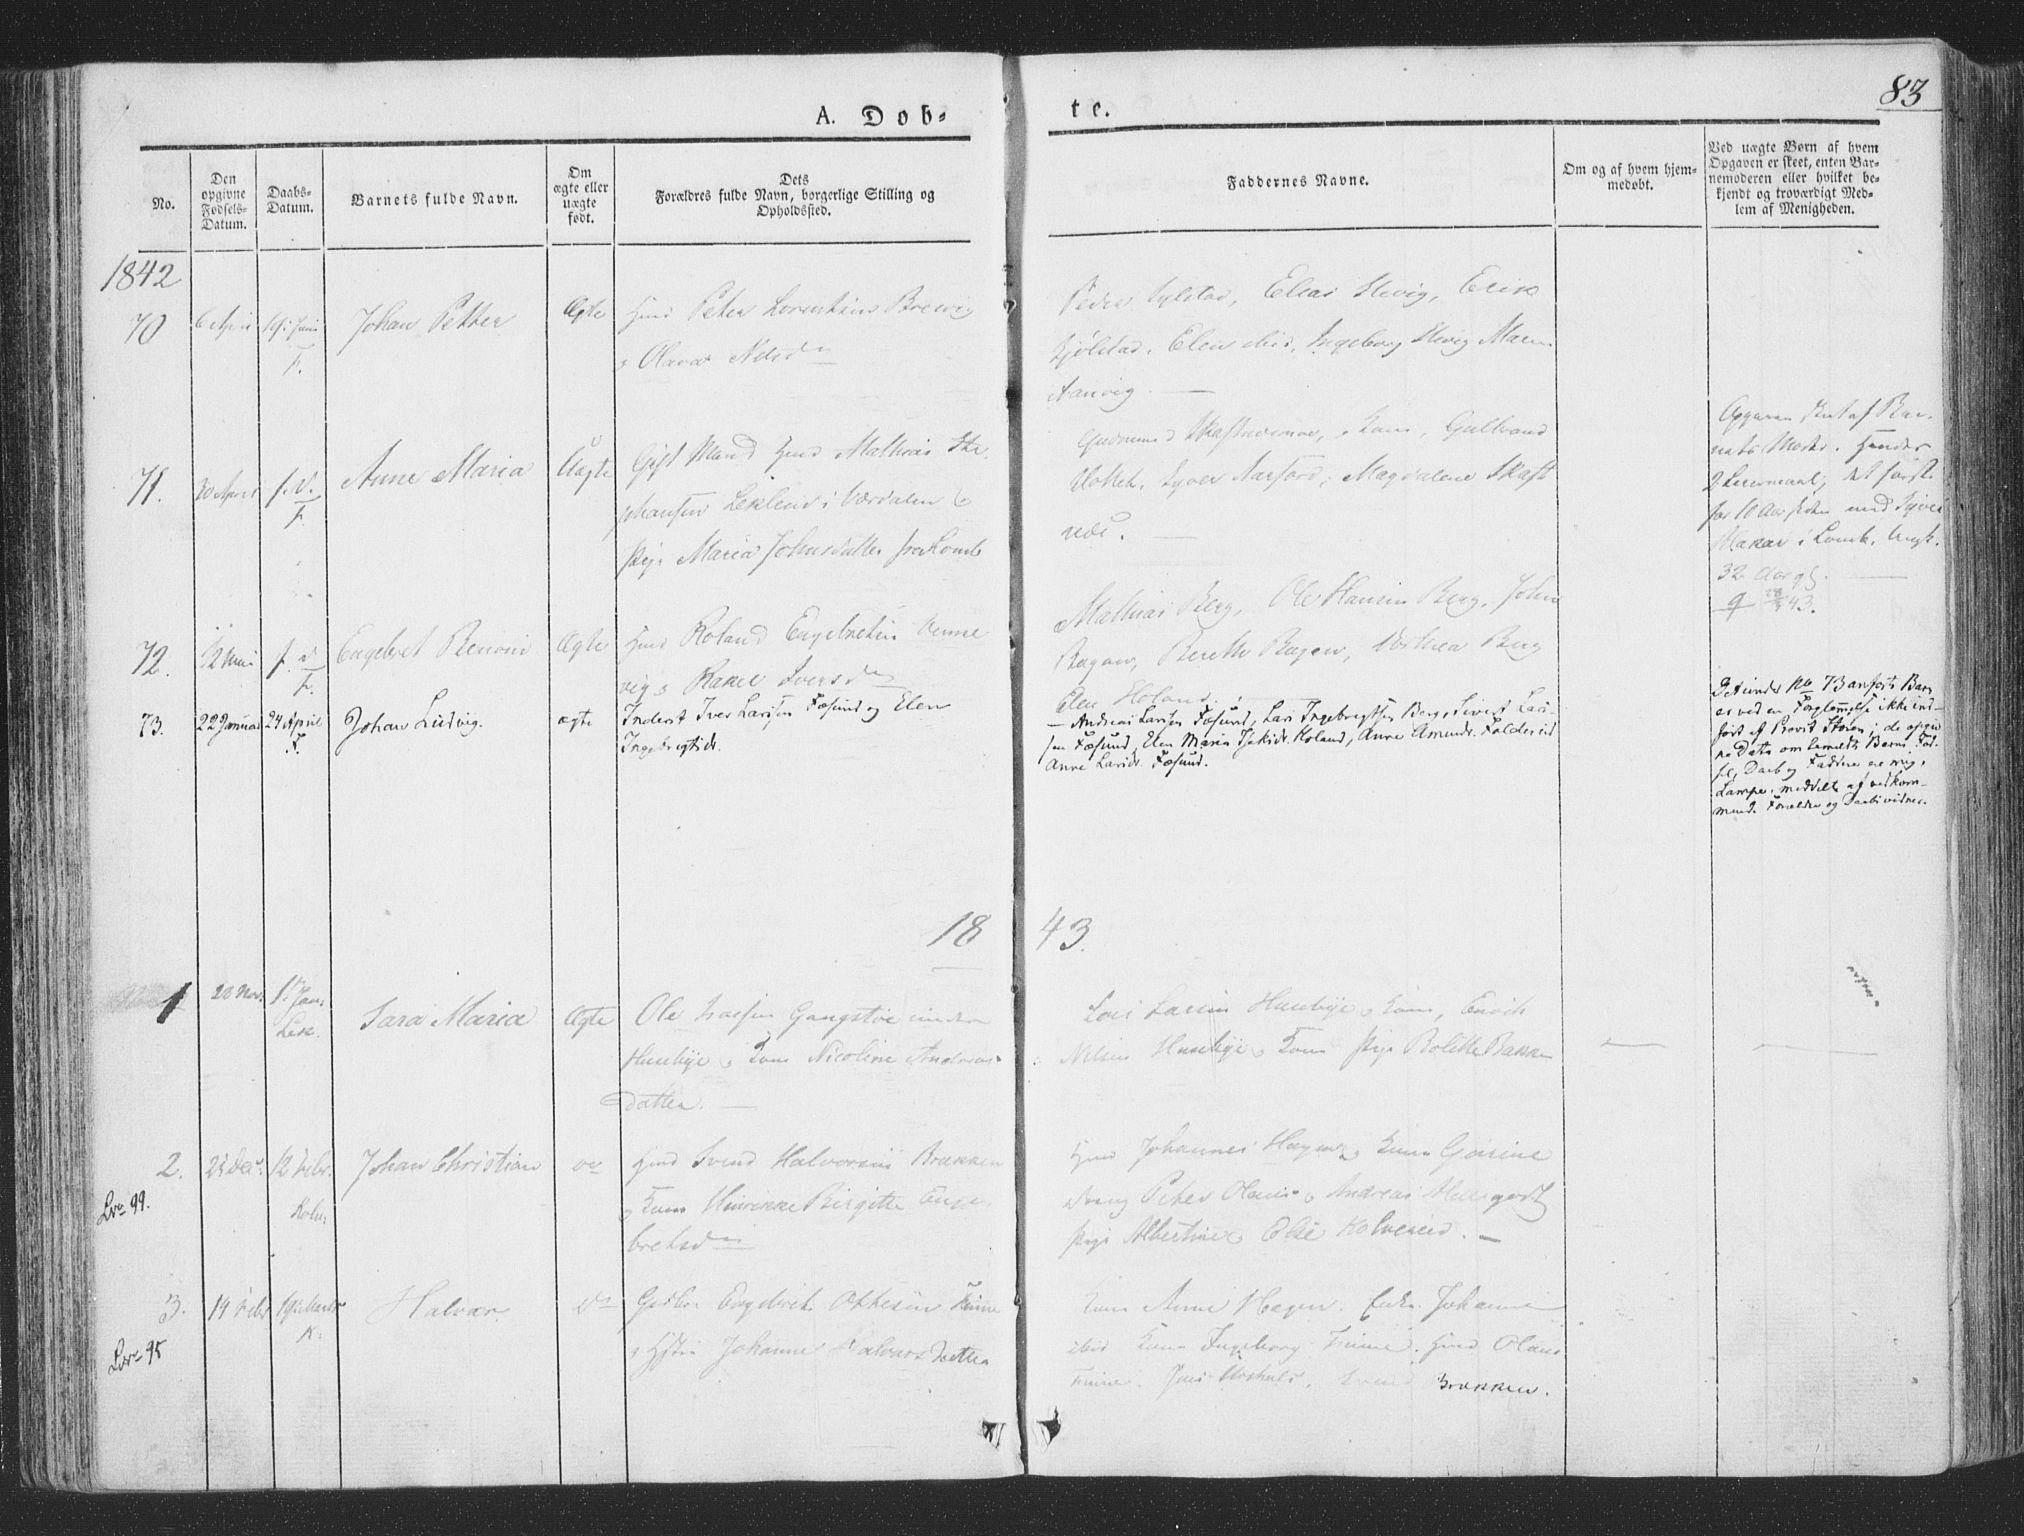 SAT, Ministerialprotokoller, klokkerbøker og fødselsregistre - Nord-Trøndelag, 780/L0639: Ministerialbok nr. 780A04, 1830-1844, s. 83